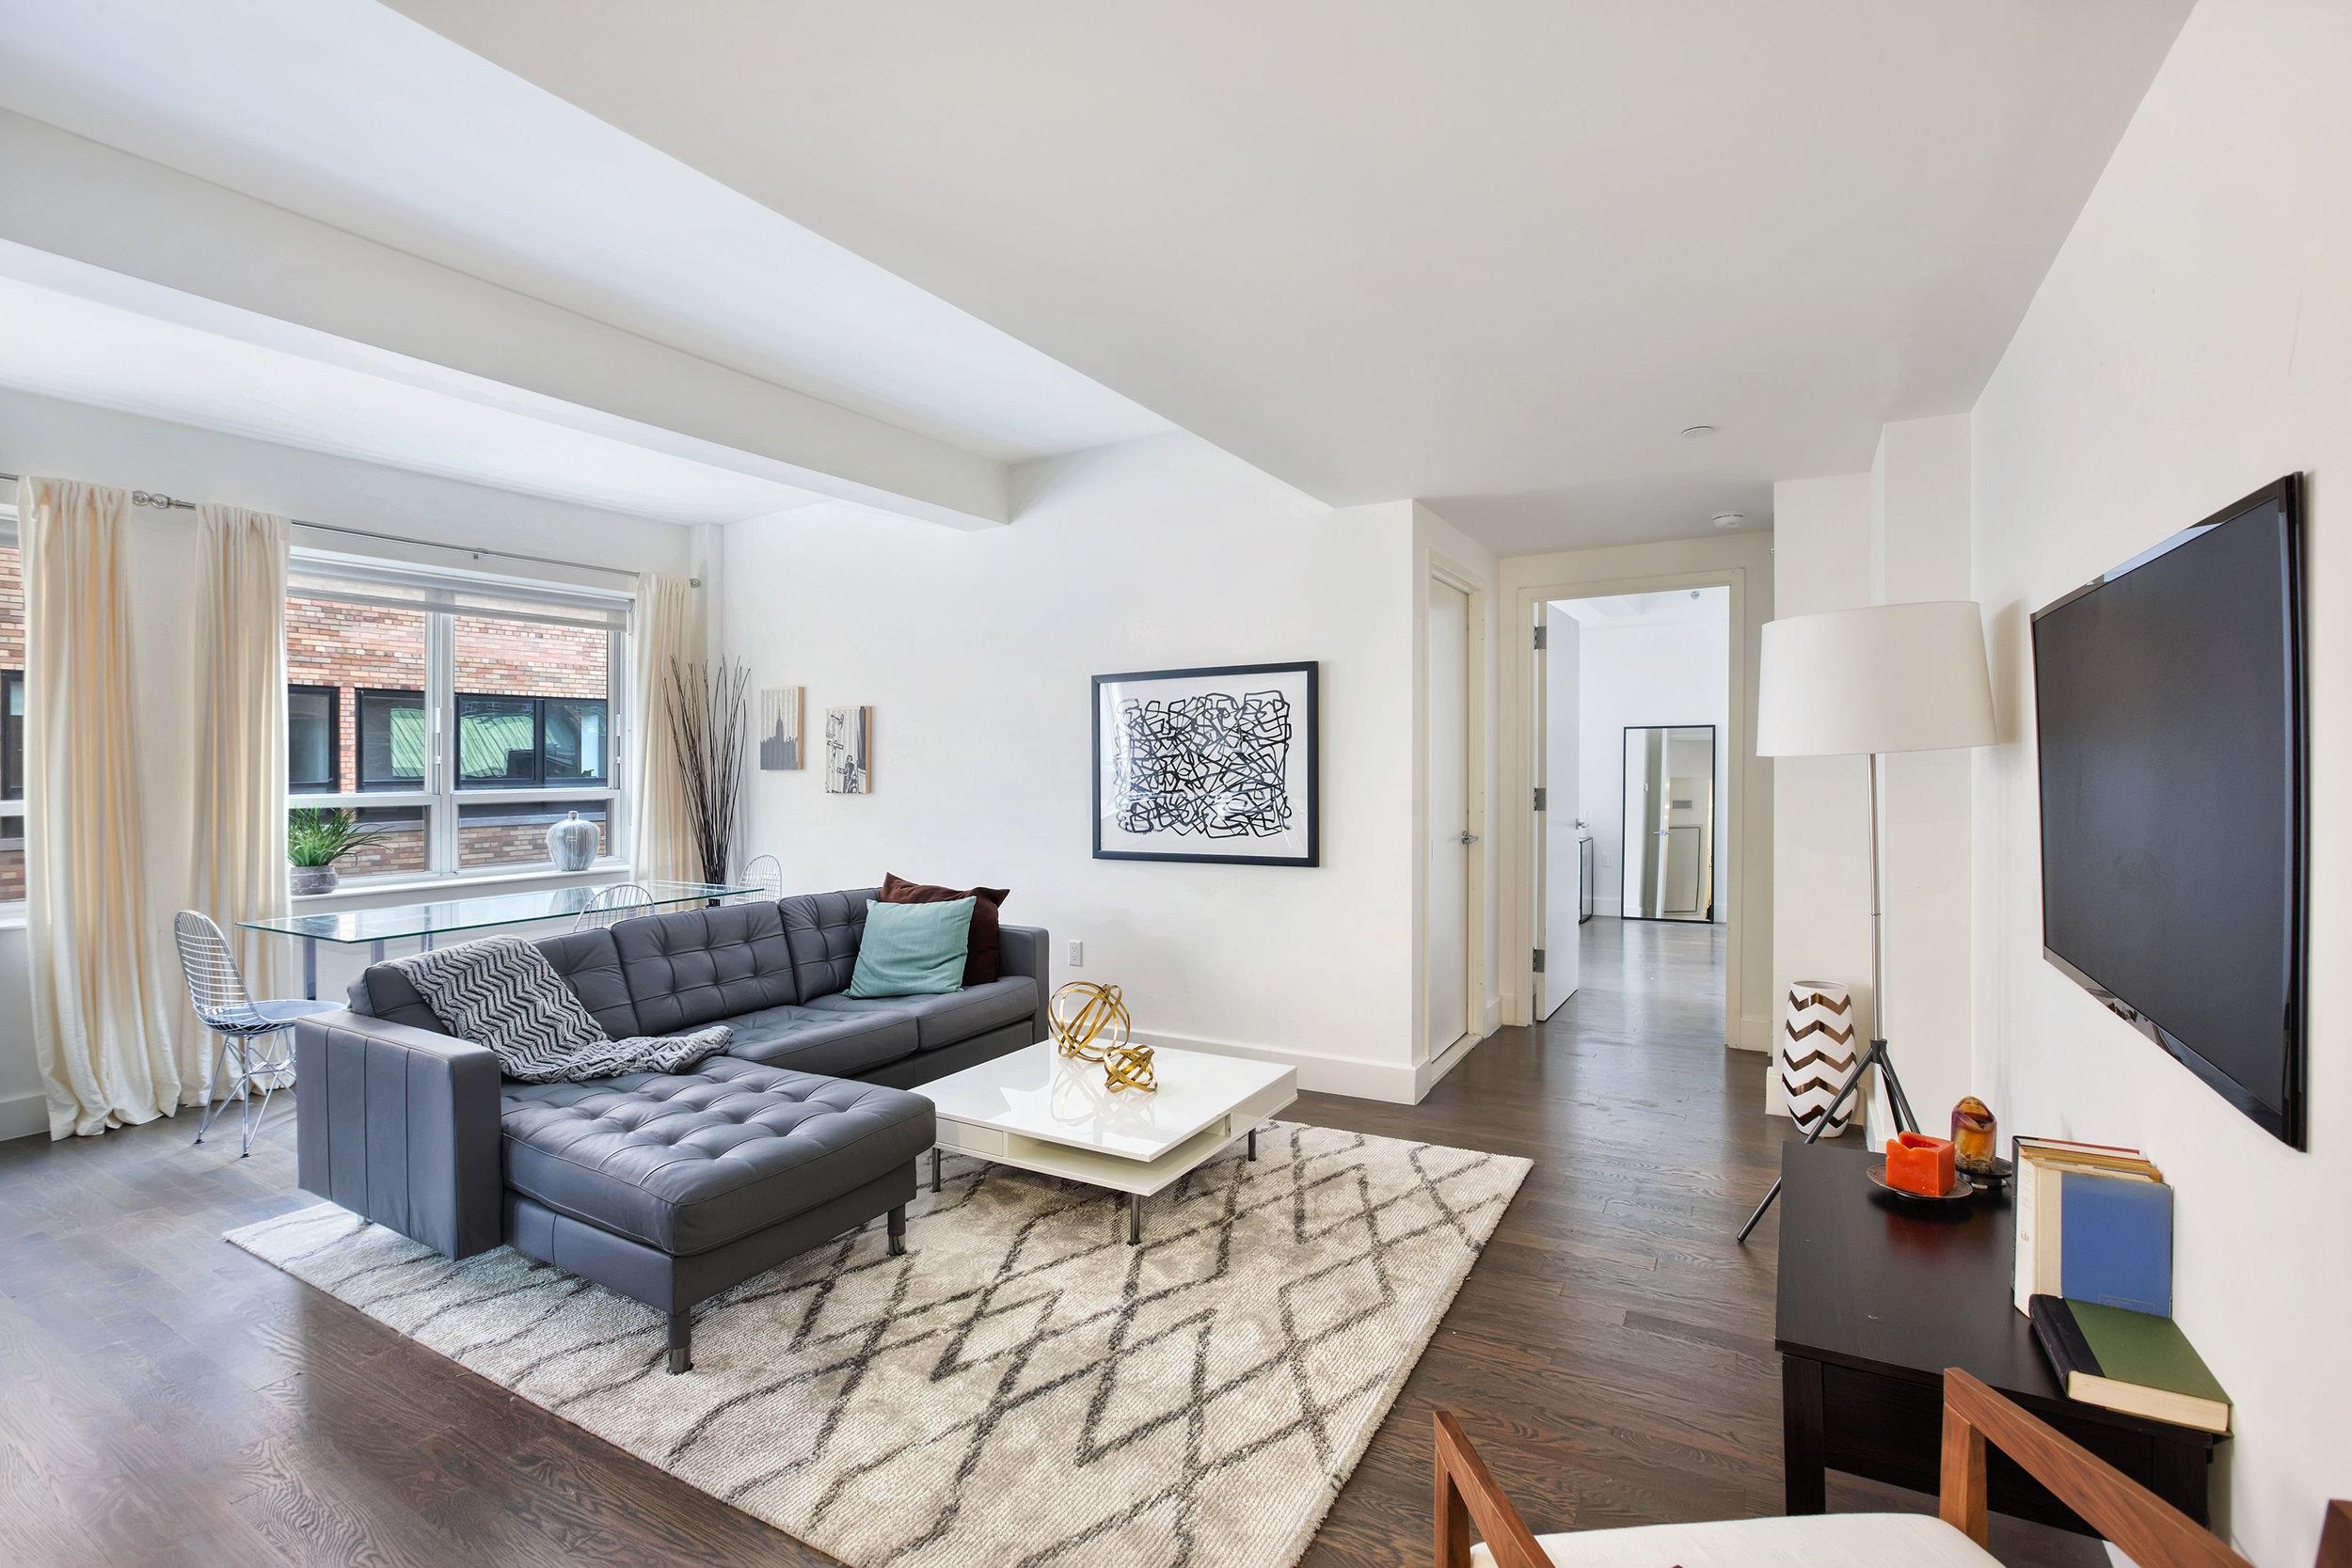 432 West 52nd Street, #4A - $1,495,000